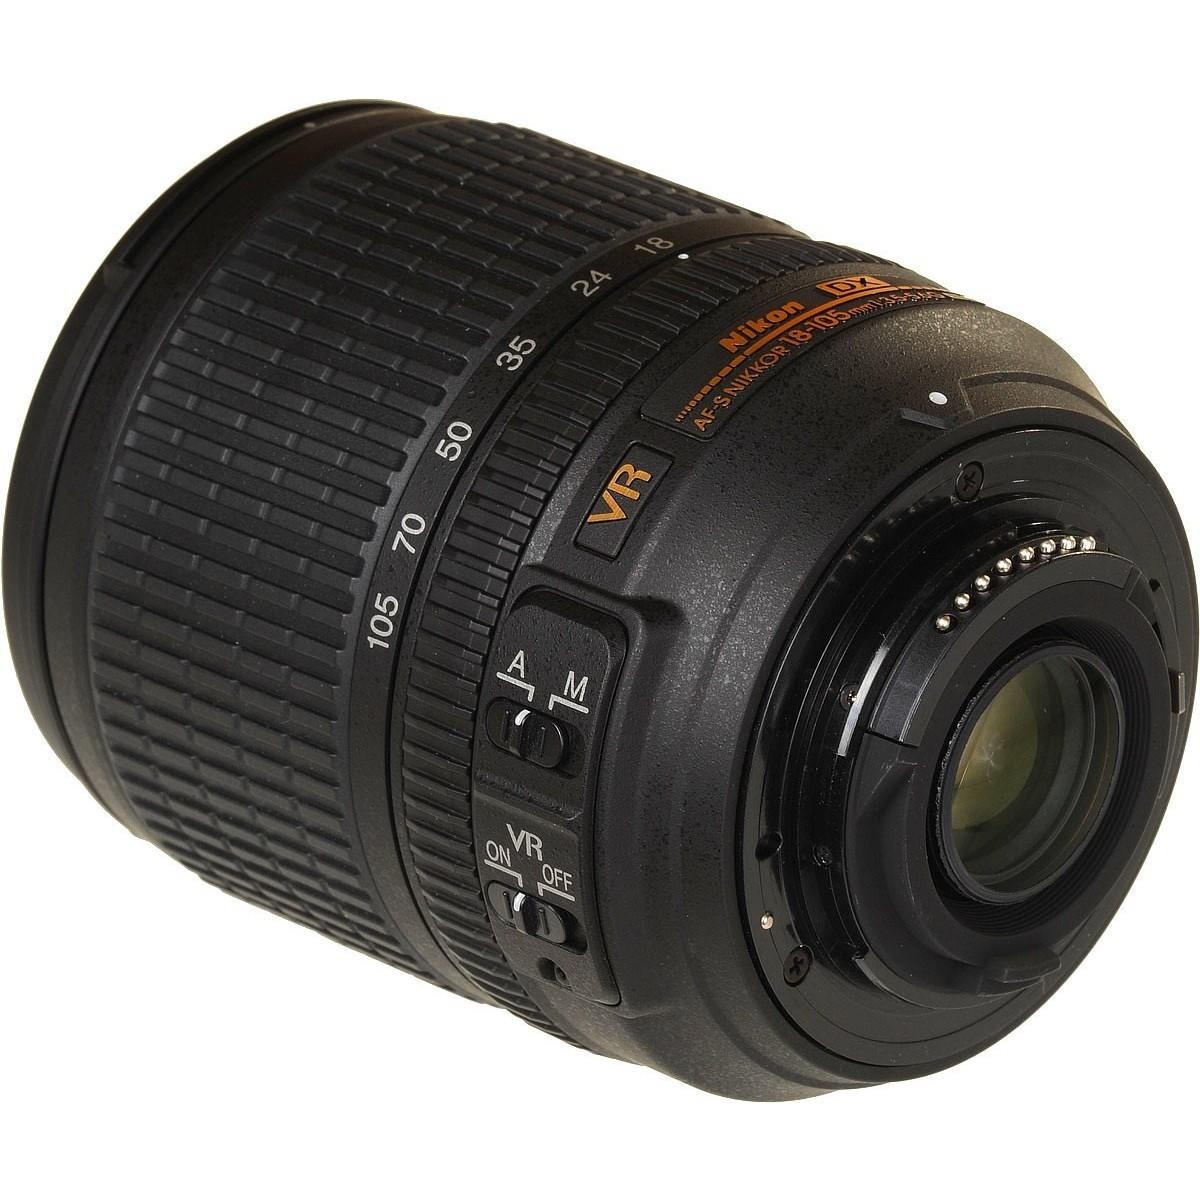 Объектив Nikon 18-105mm f/3.5-5.6G ED VR AF-S DX Nikkor